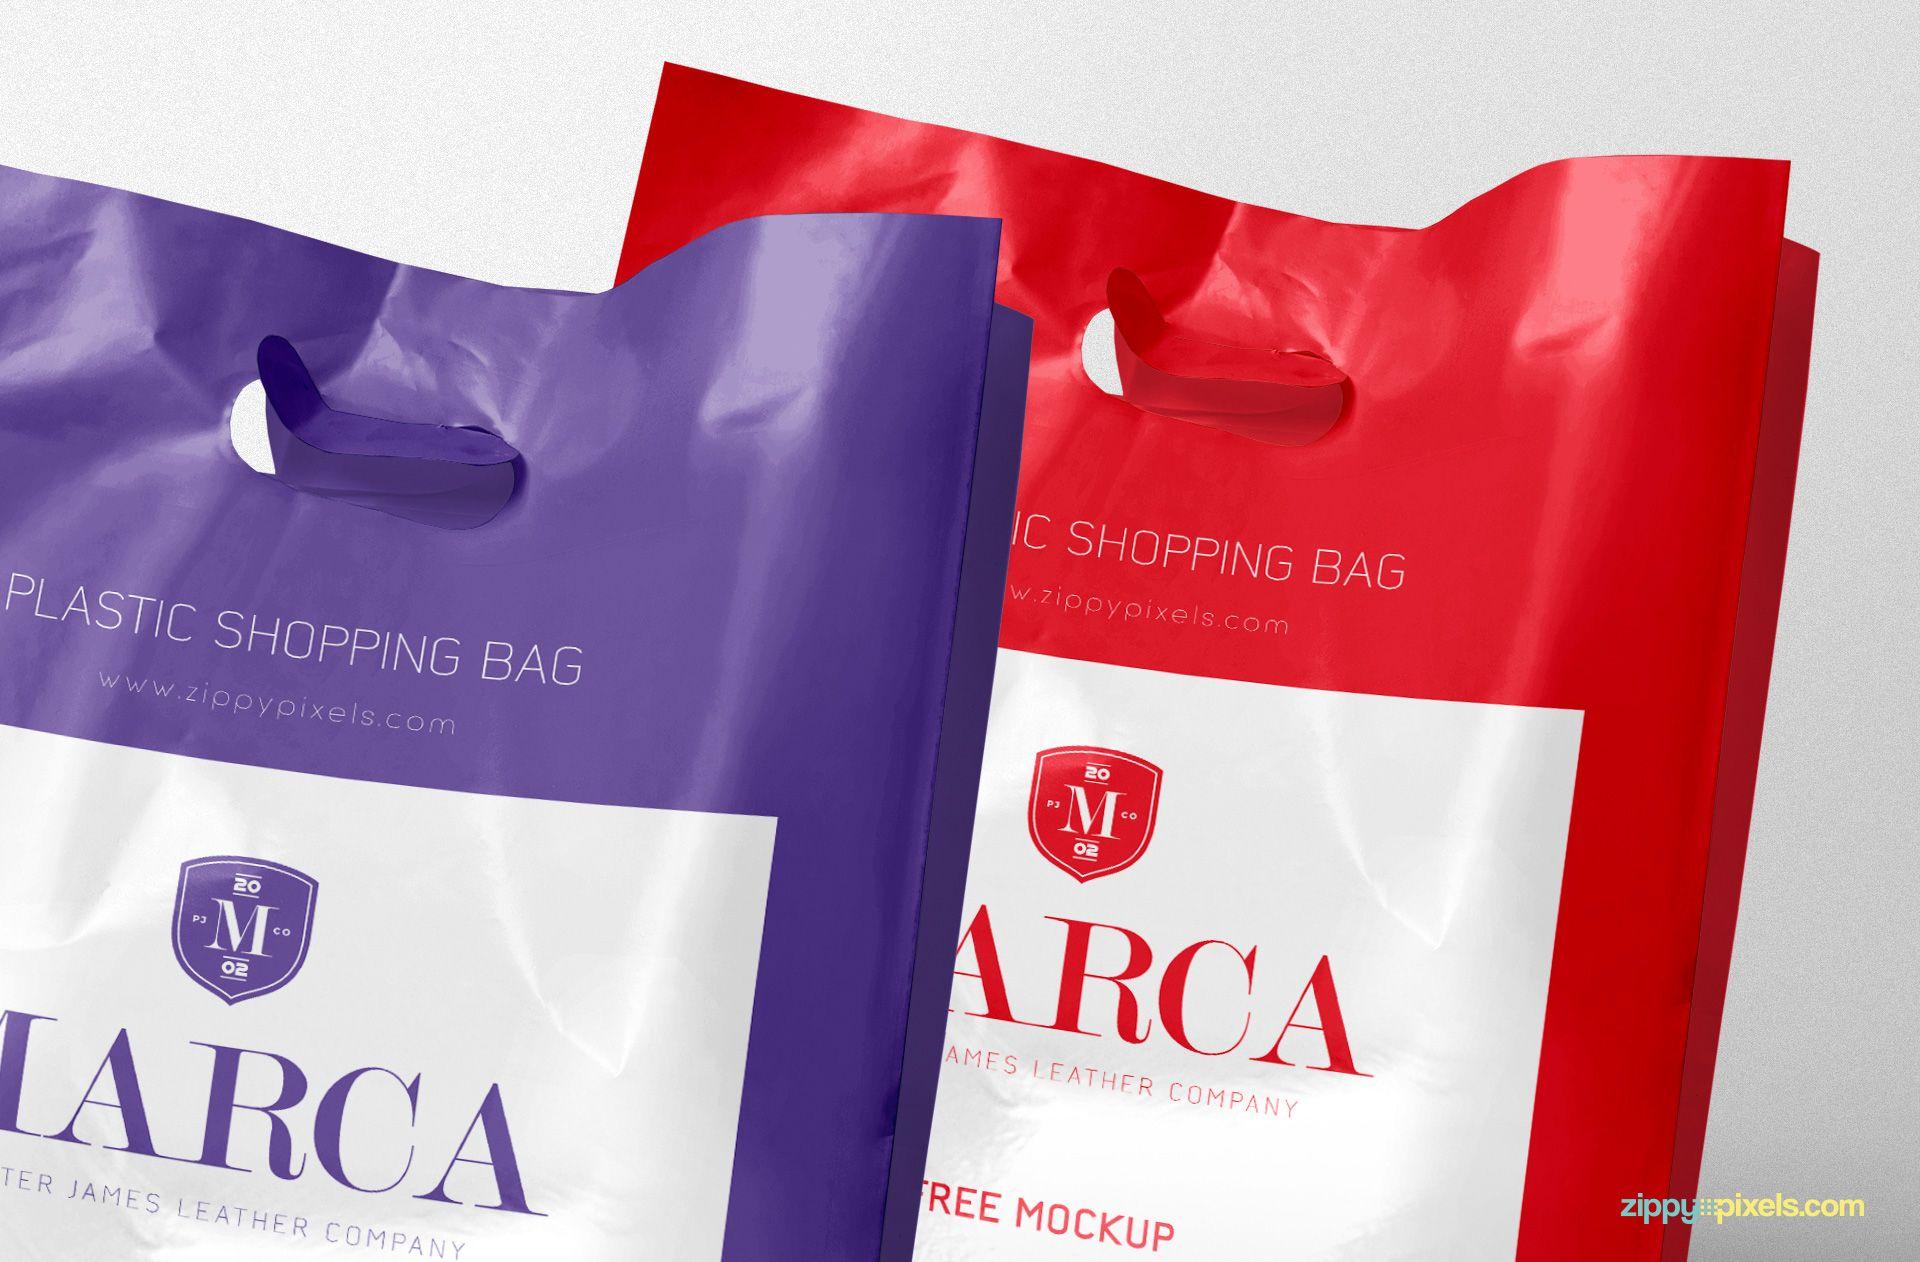 Download Free Plastic Bag Mockup Zippypixels Bag Mockup Plastic Shopping Bags Plastic Bag